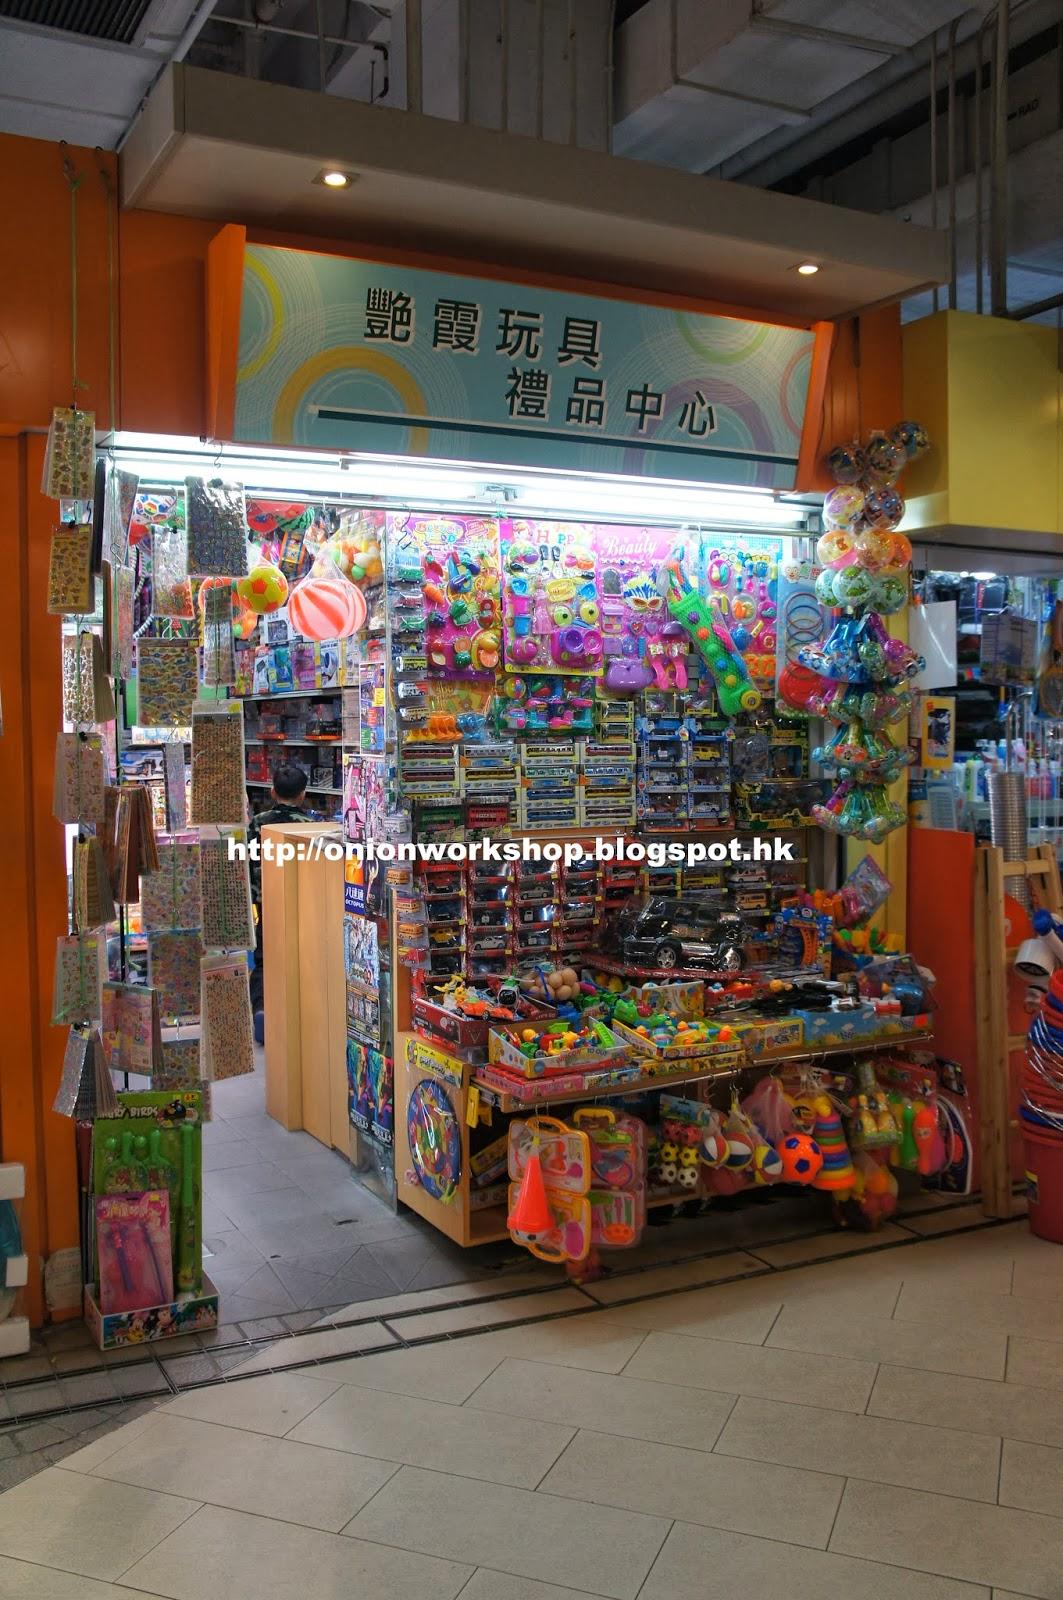 洋蔥頭的玩具店遊記: No. 013 九龍區 樂富 艷霞玩具禮品中心